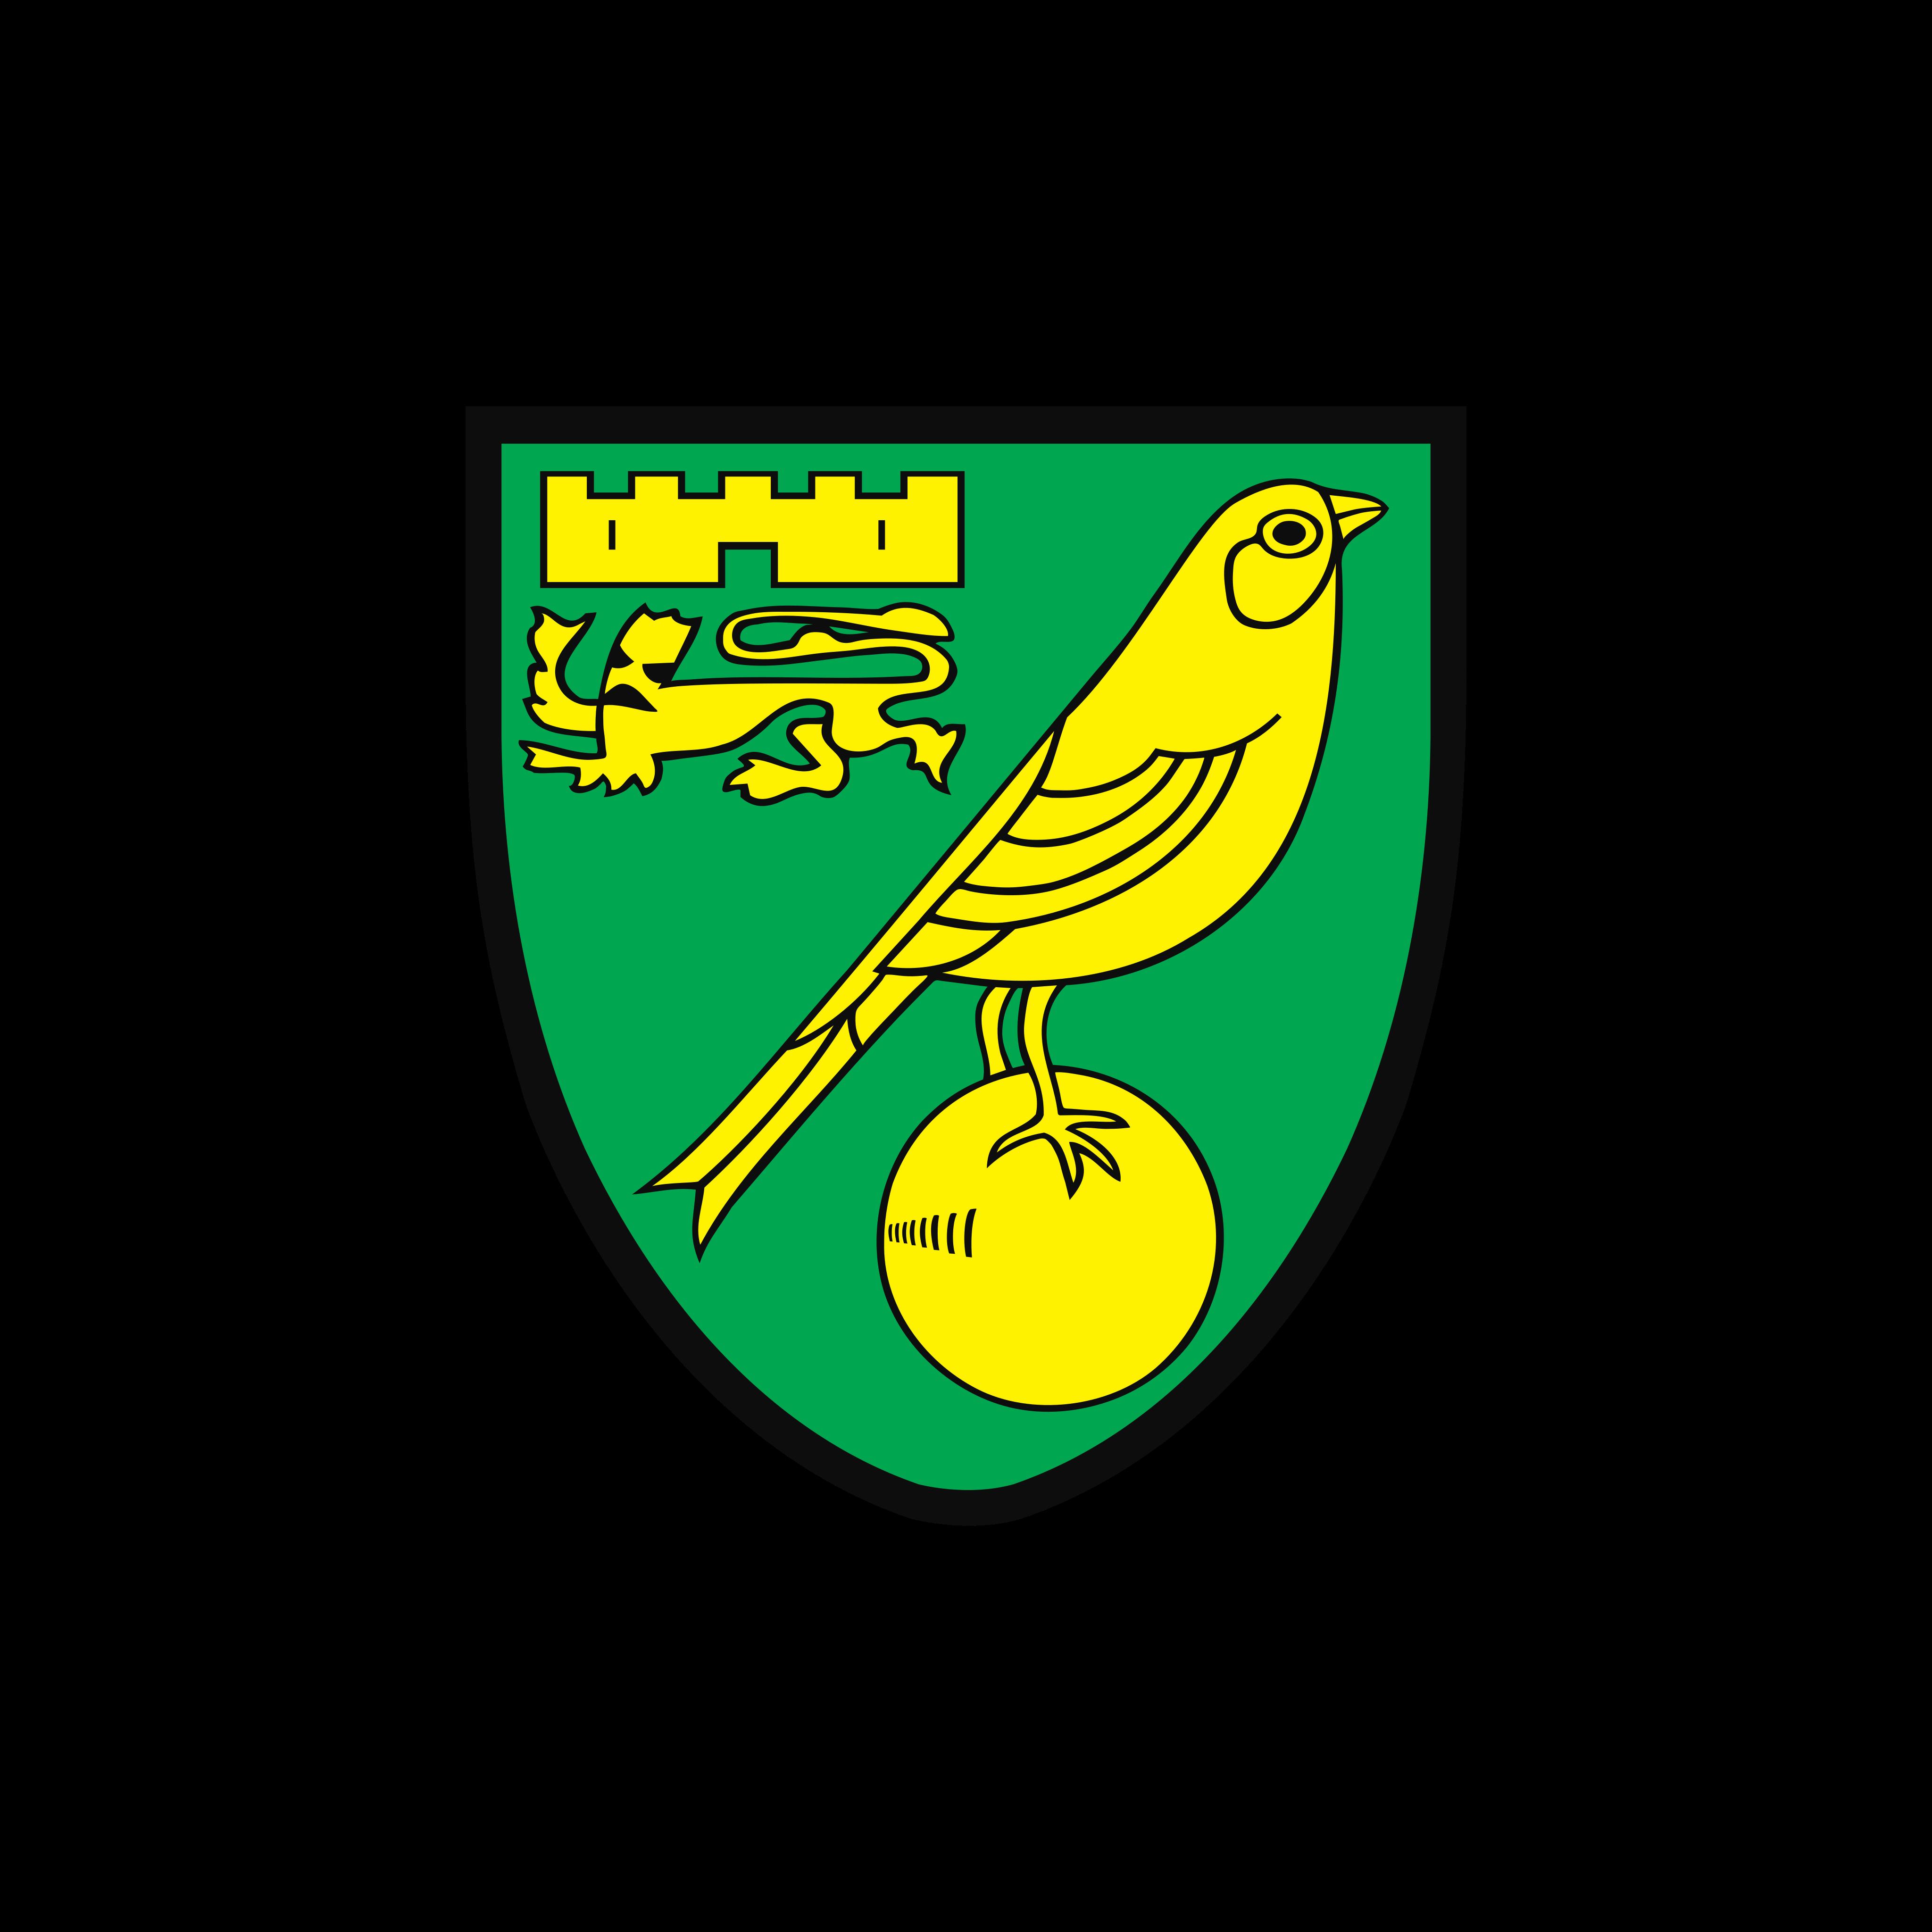 norwich fc logo 0 - Norwich City FC Logo